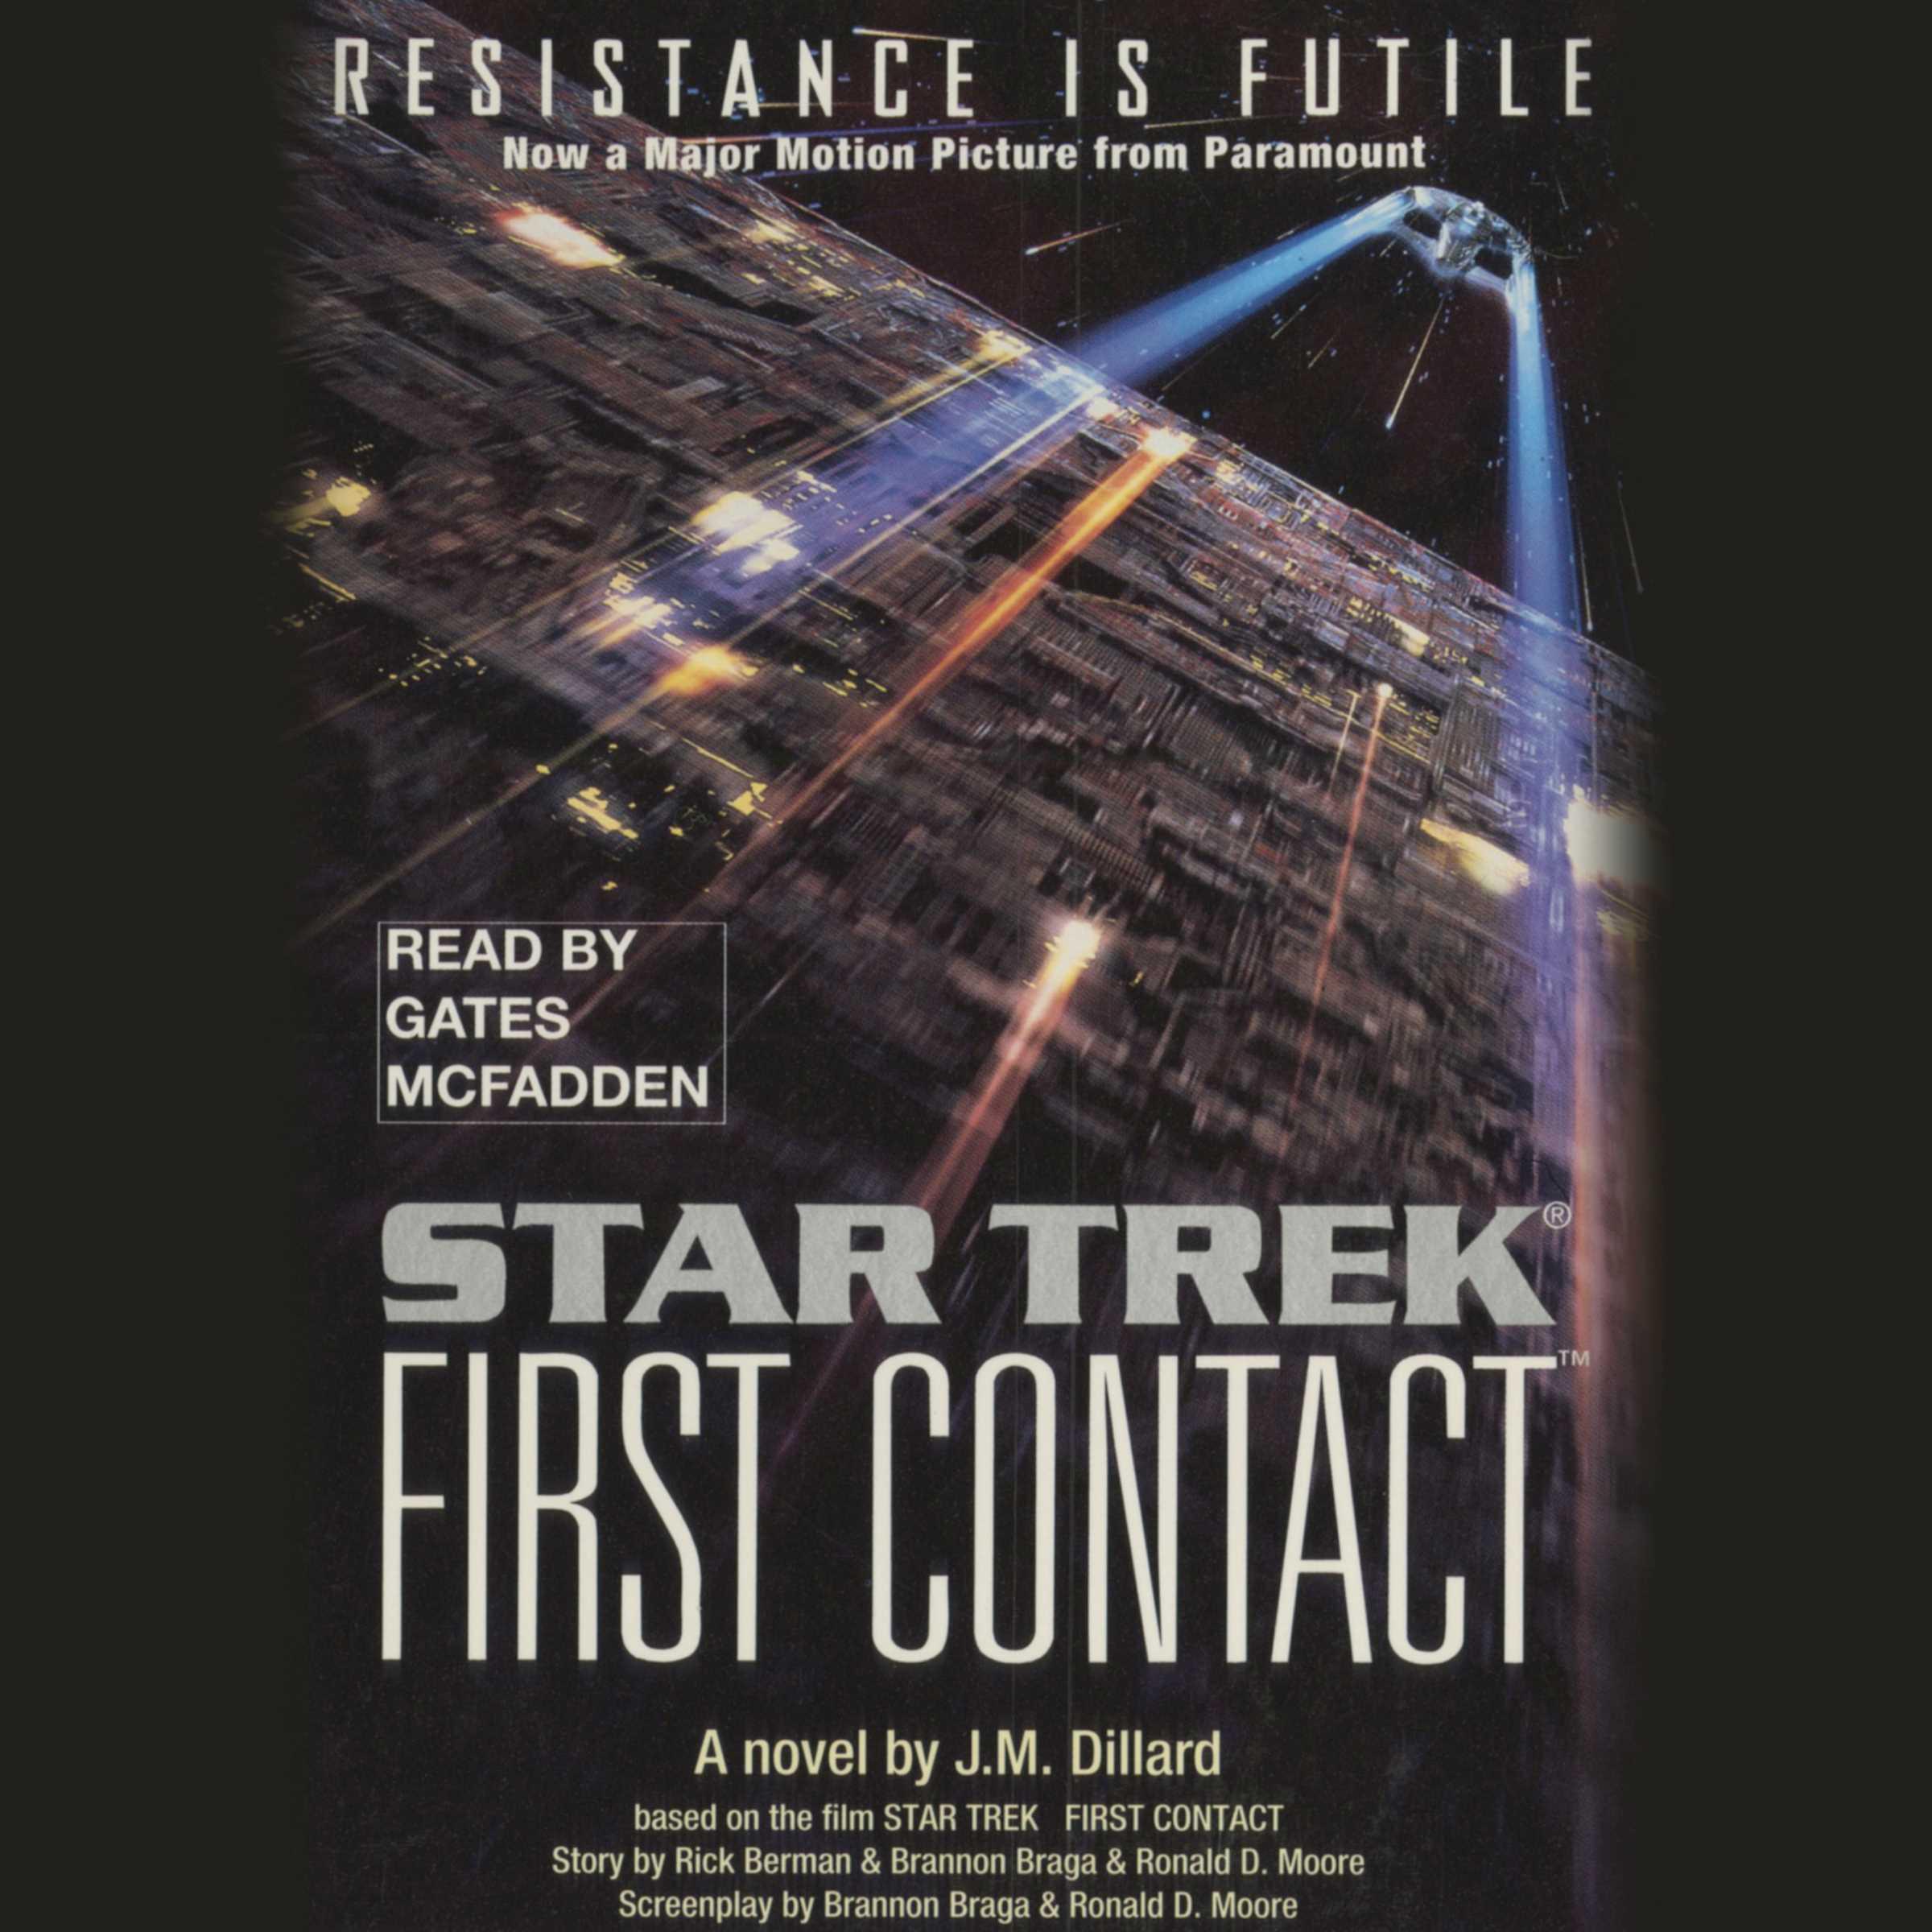 Star trek first contact 9780743546355 hr